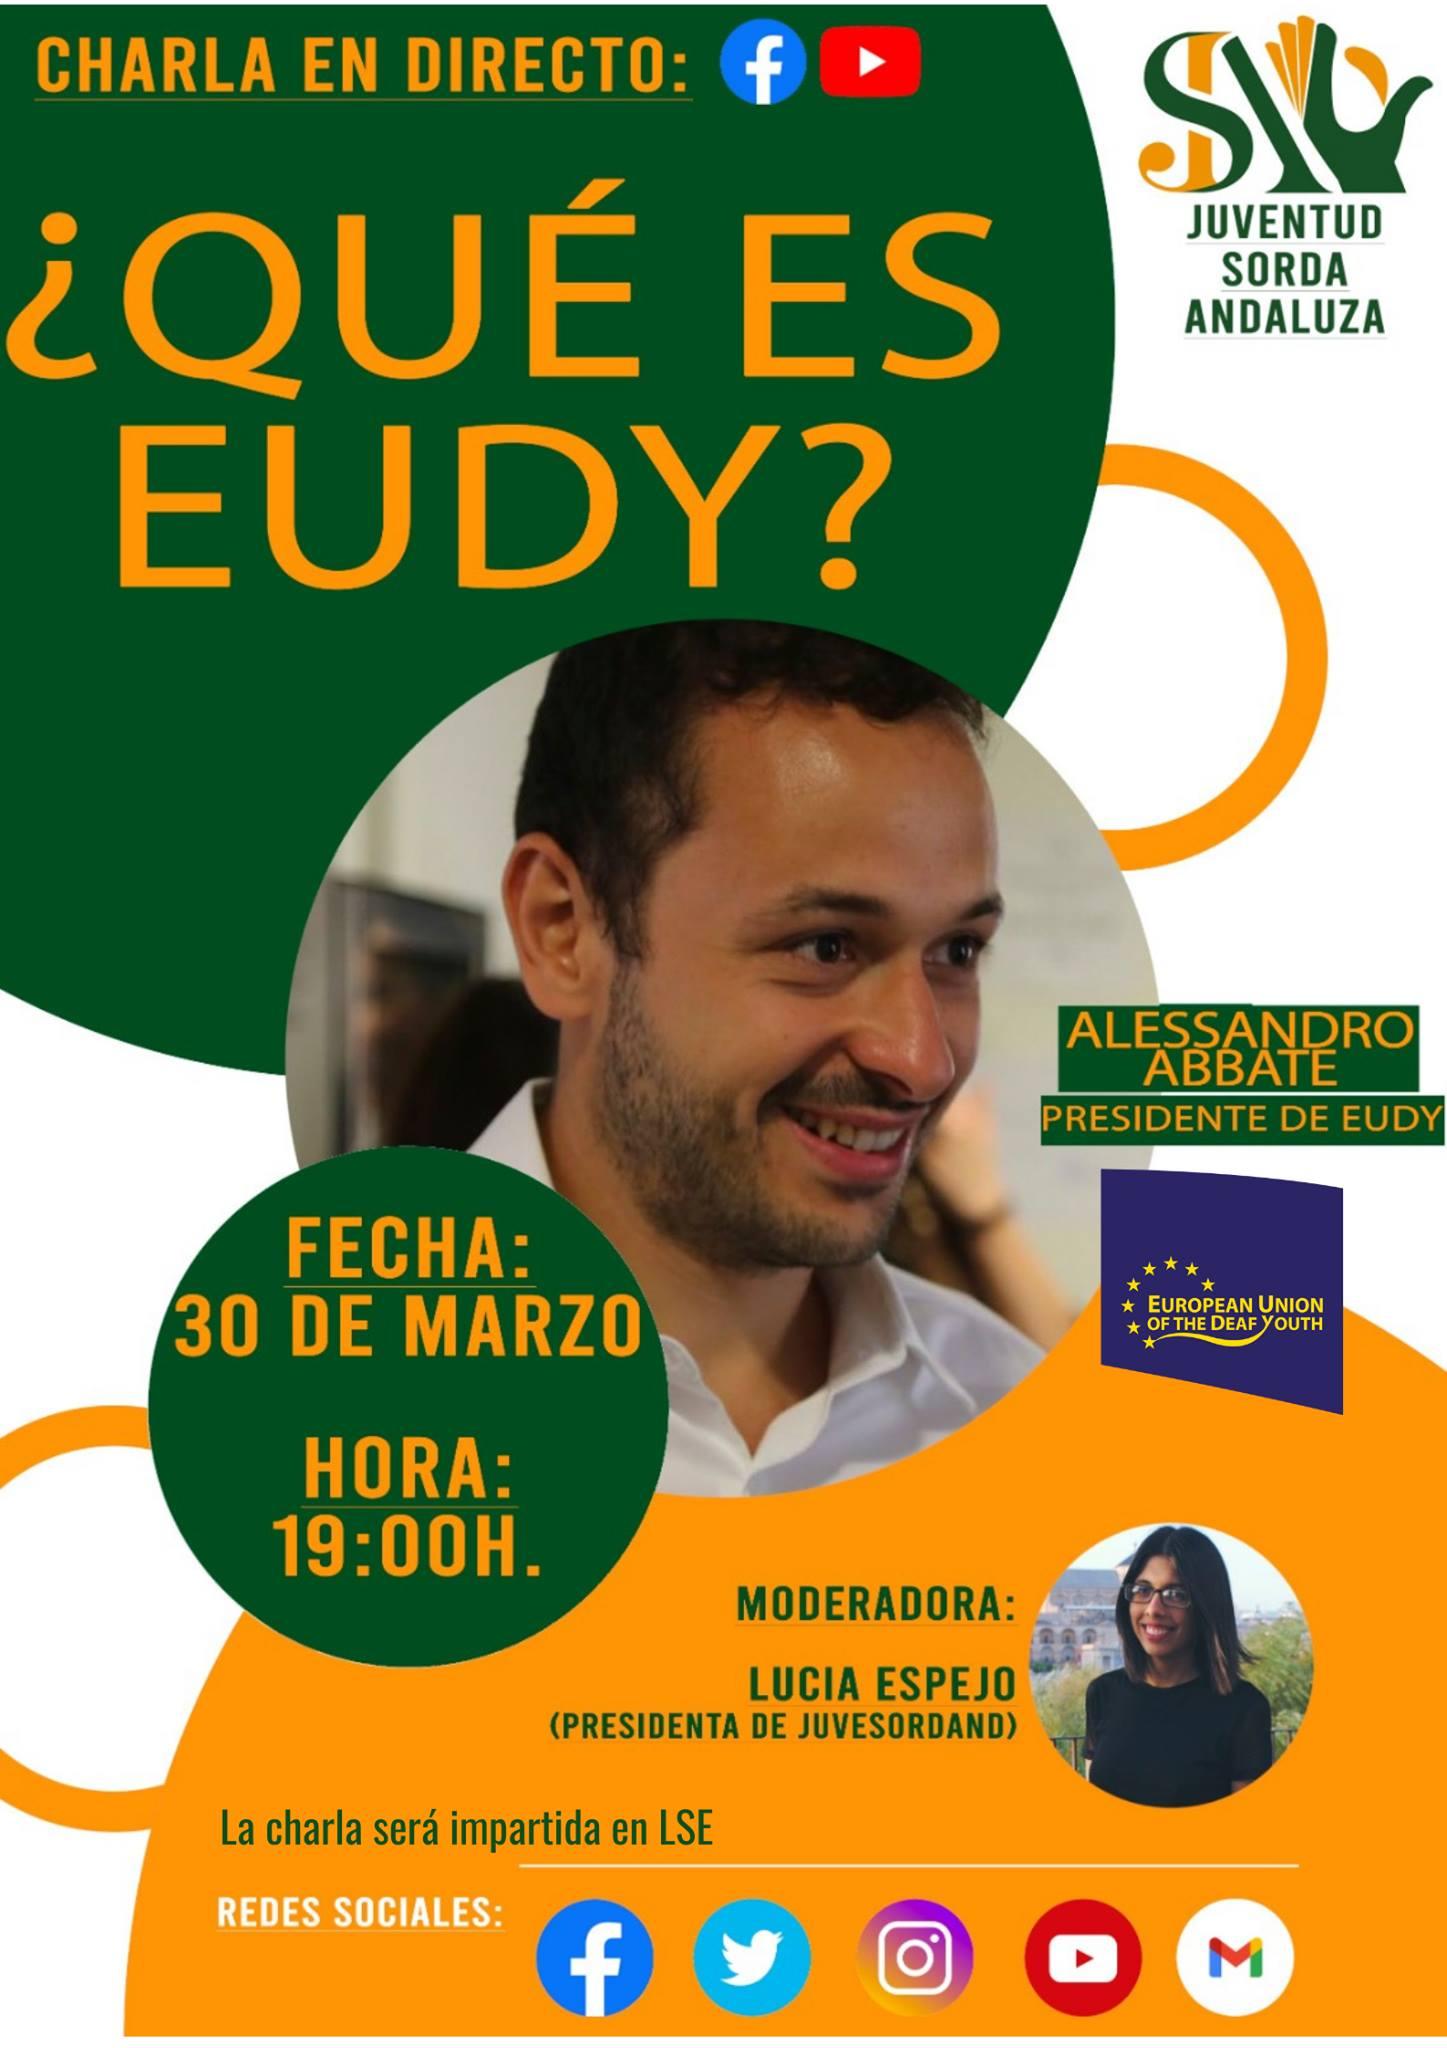 CHARLA DE EUDY